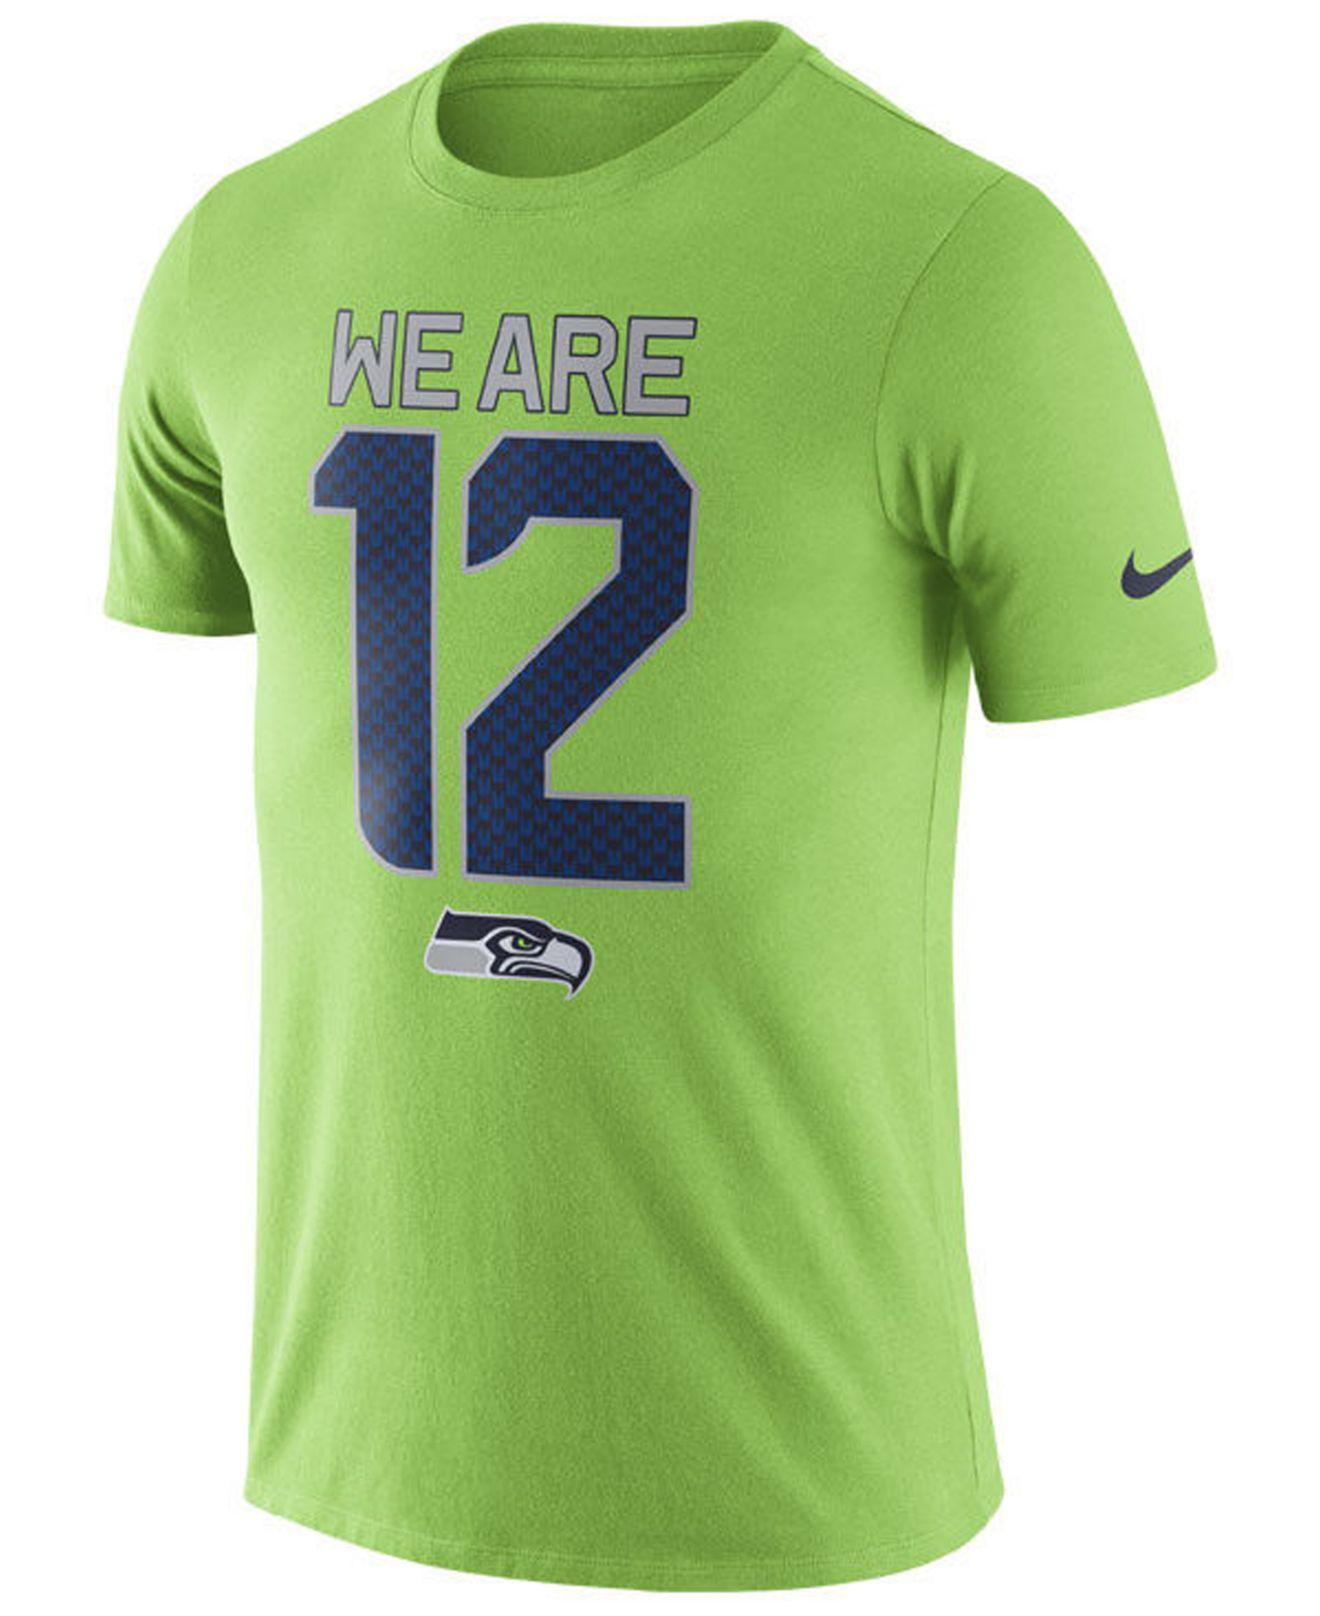 c39b3755f3f0 Lyst - Nike Seattle Seahawks Dri-fit Cotton Local T-shirt in Green ...